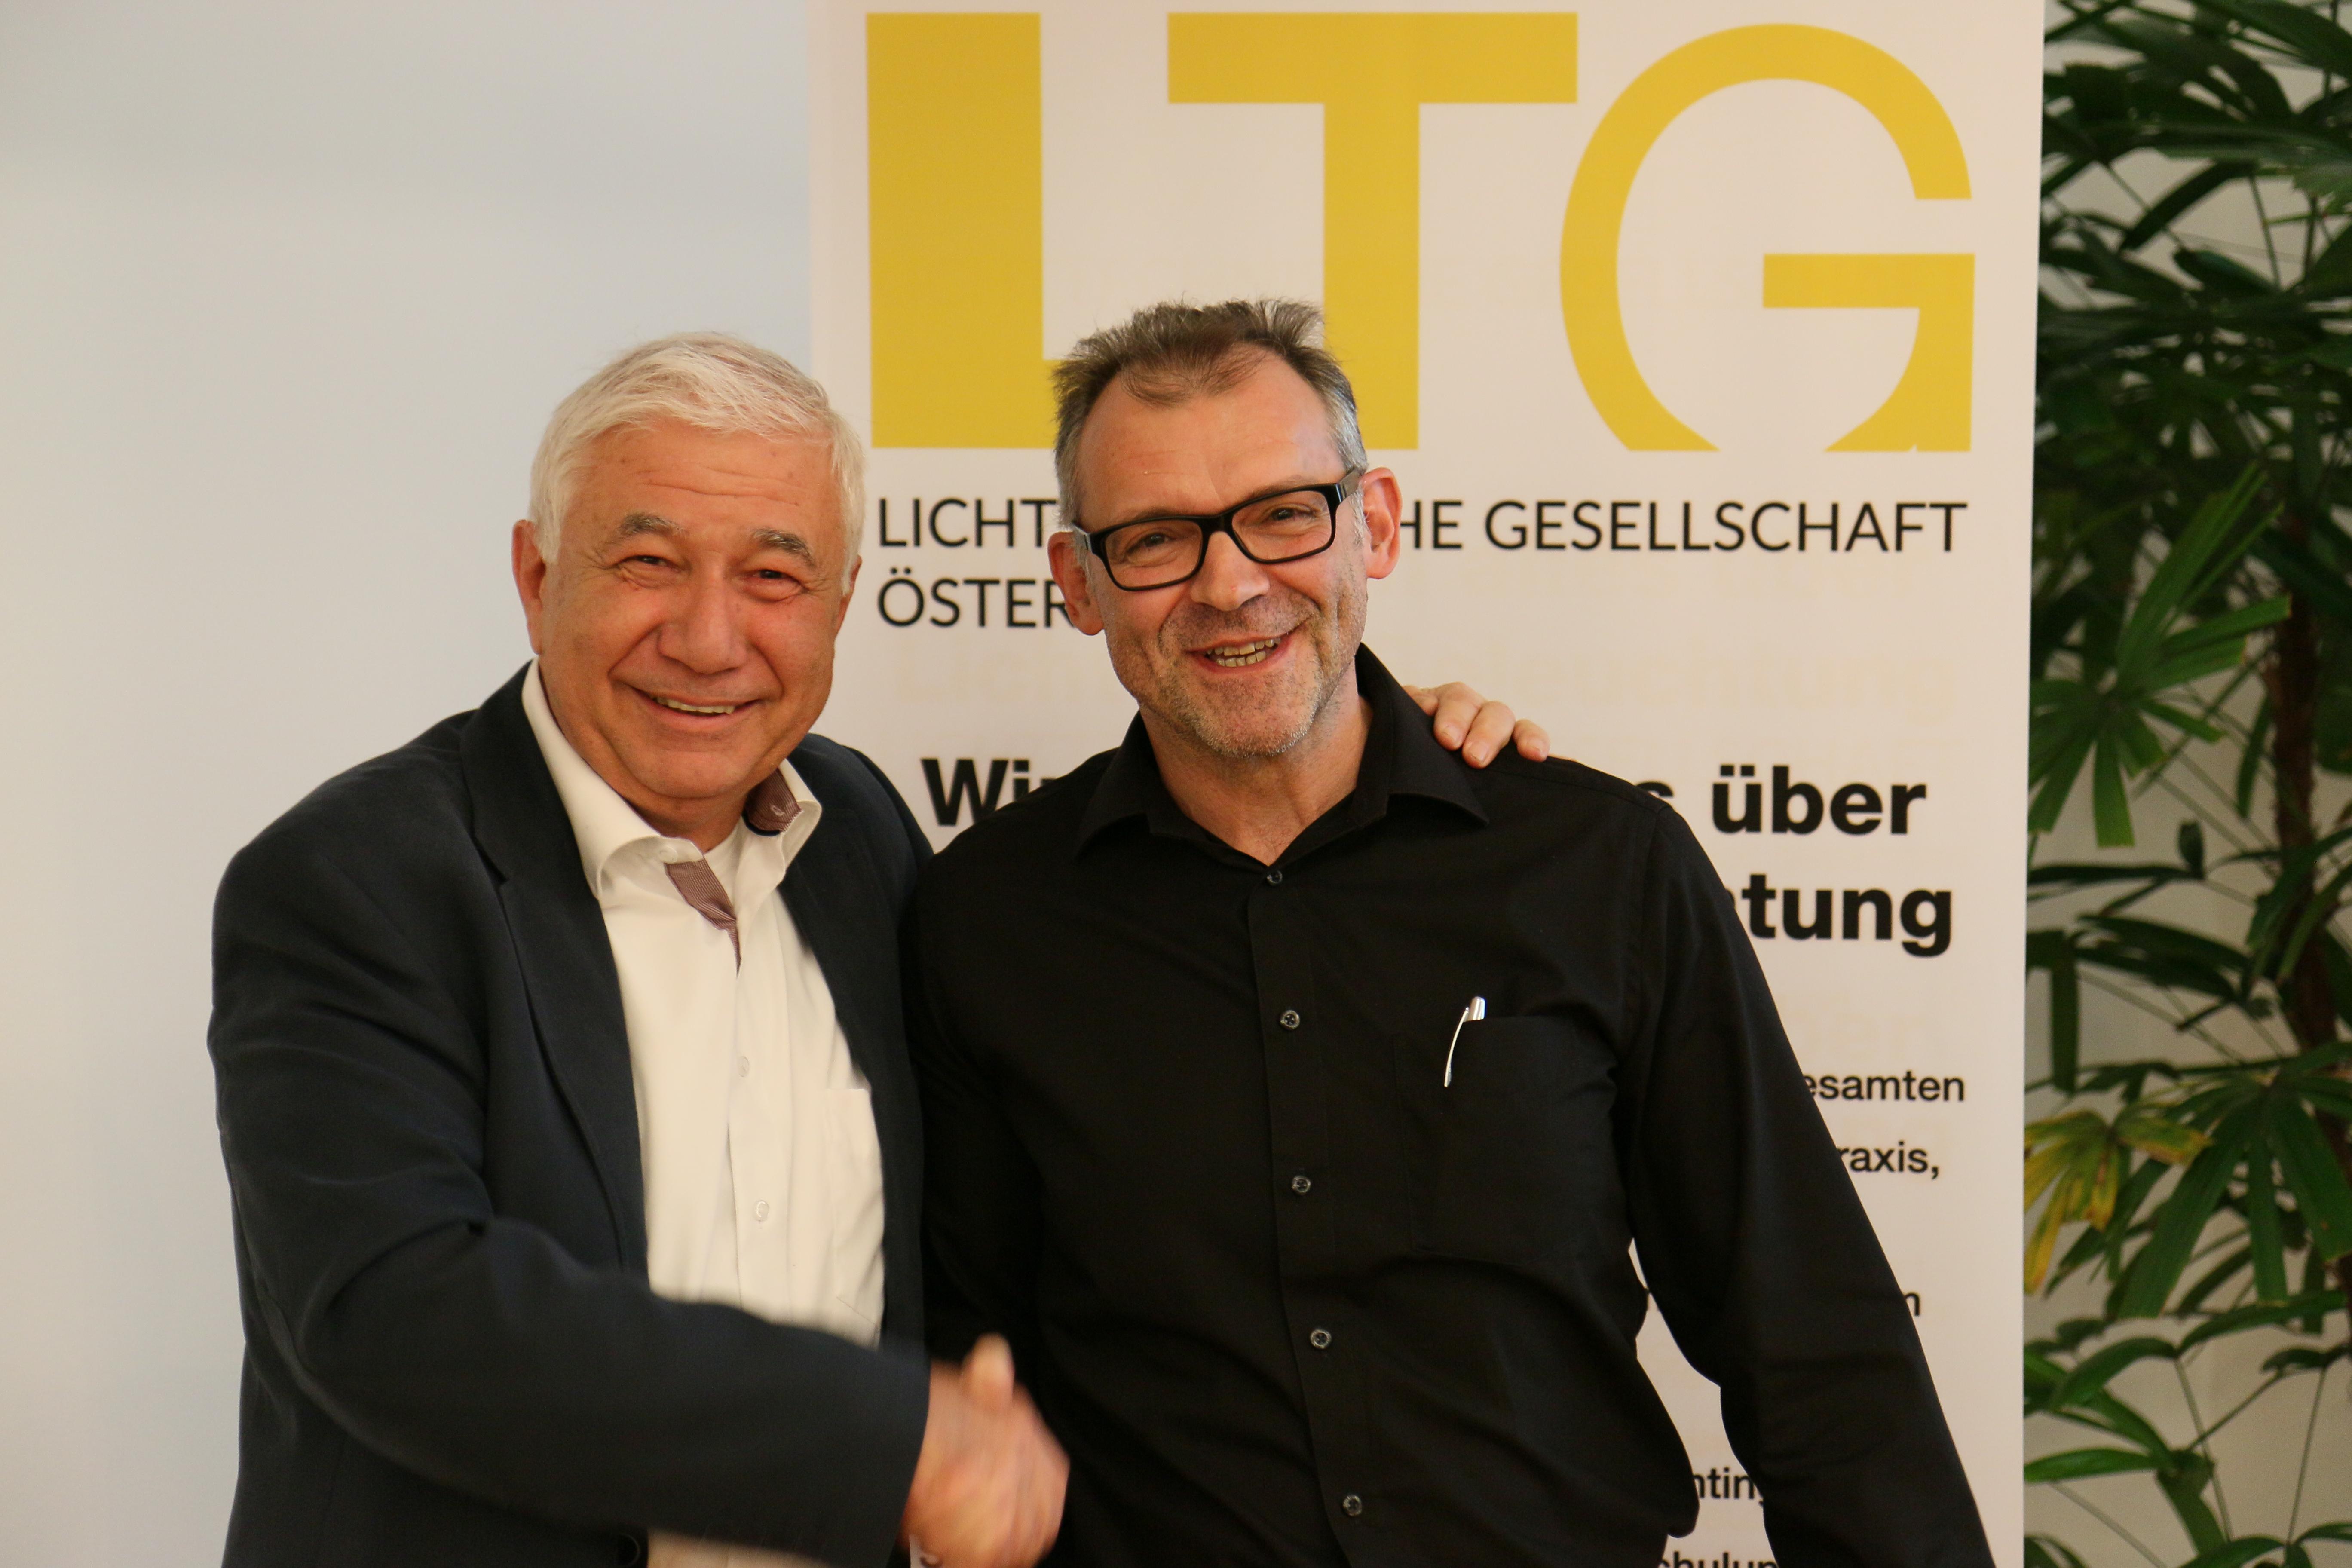 LTG Jahresrückblick 2017